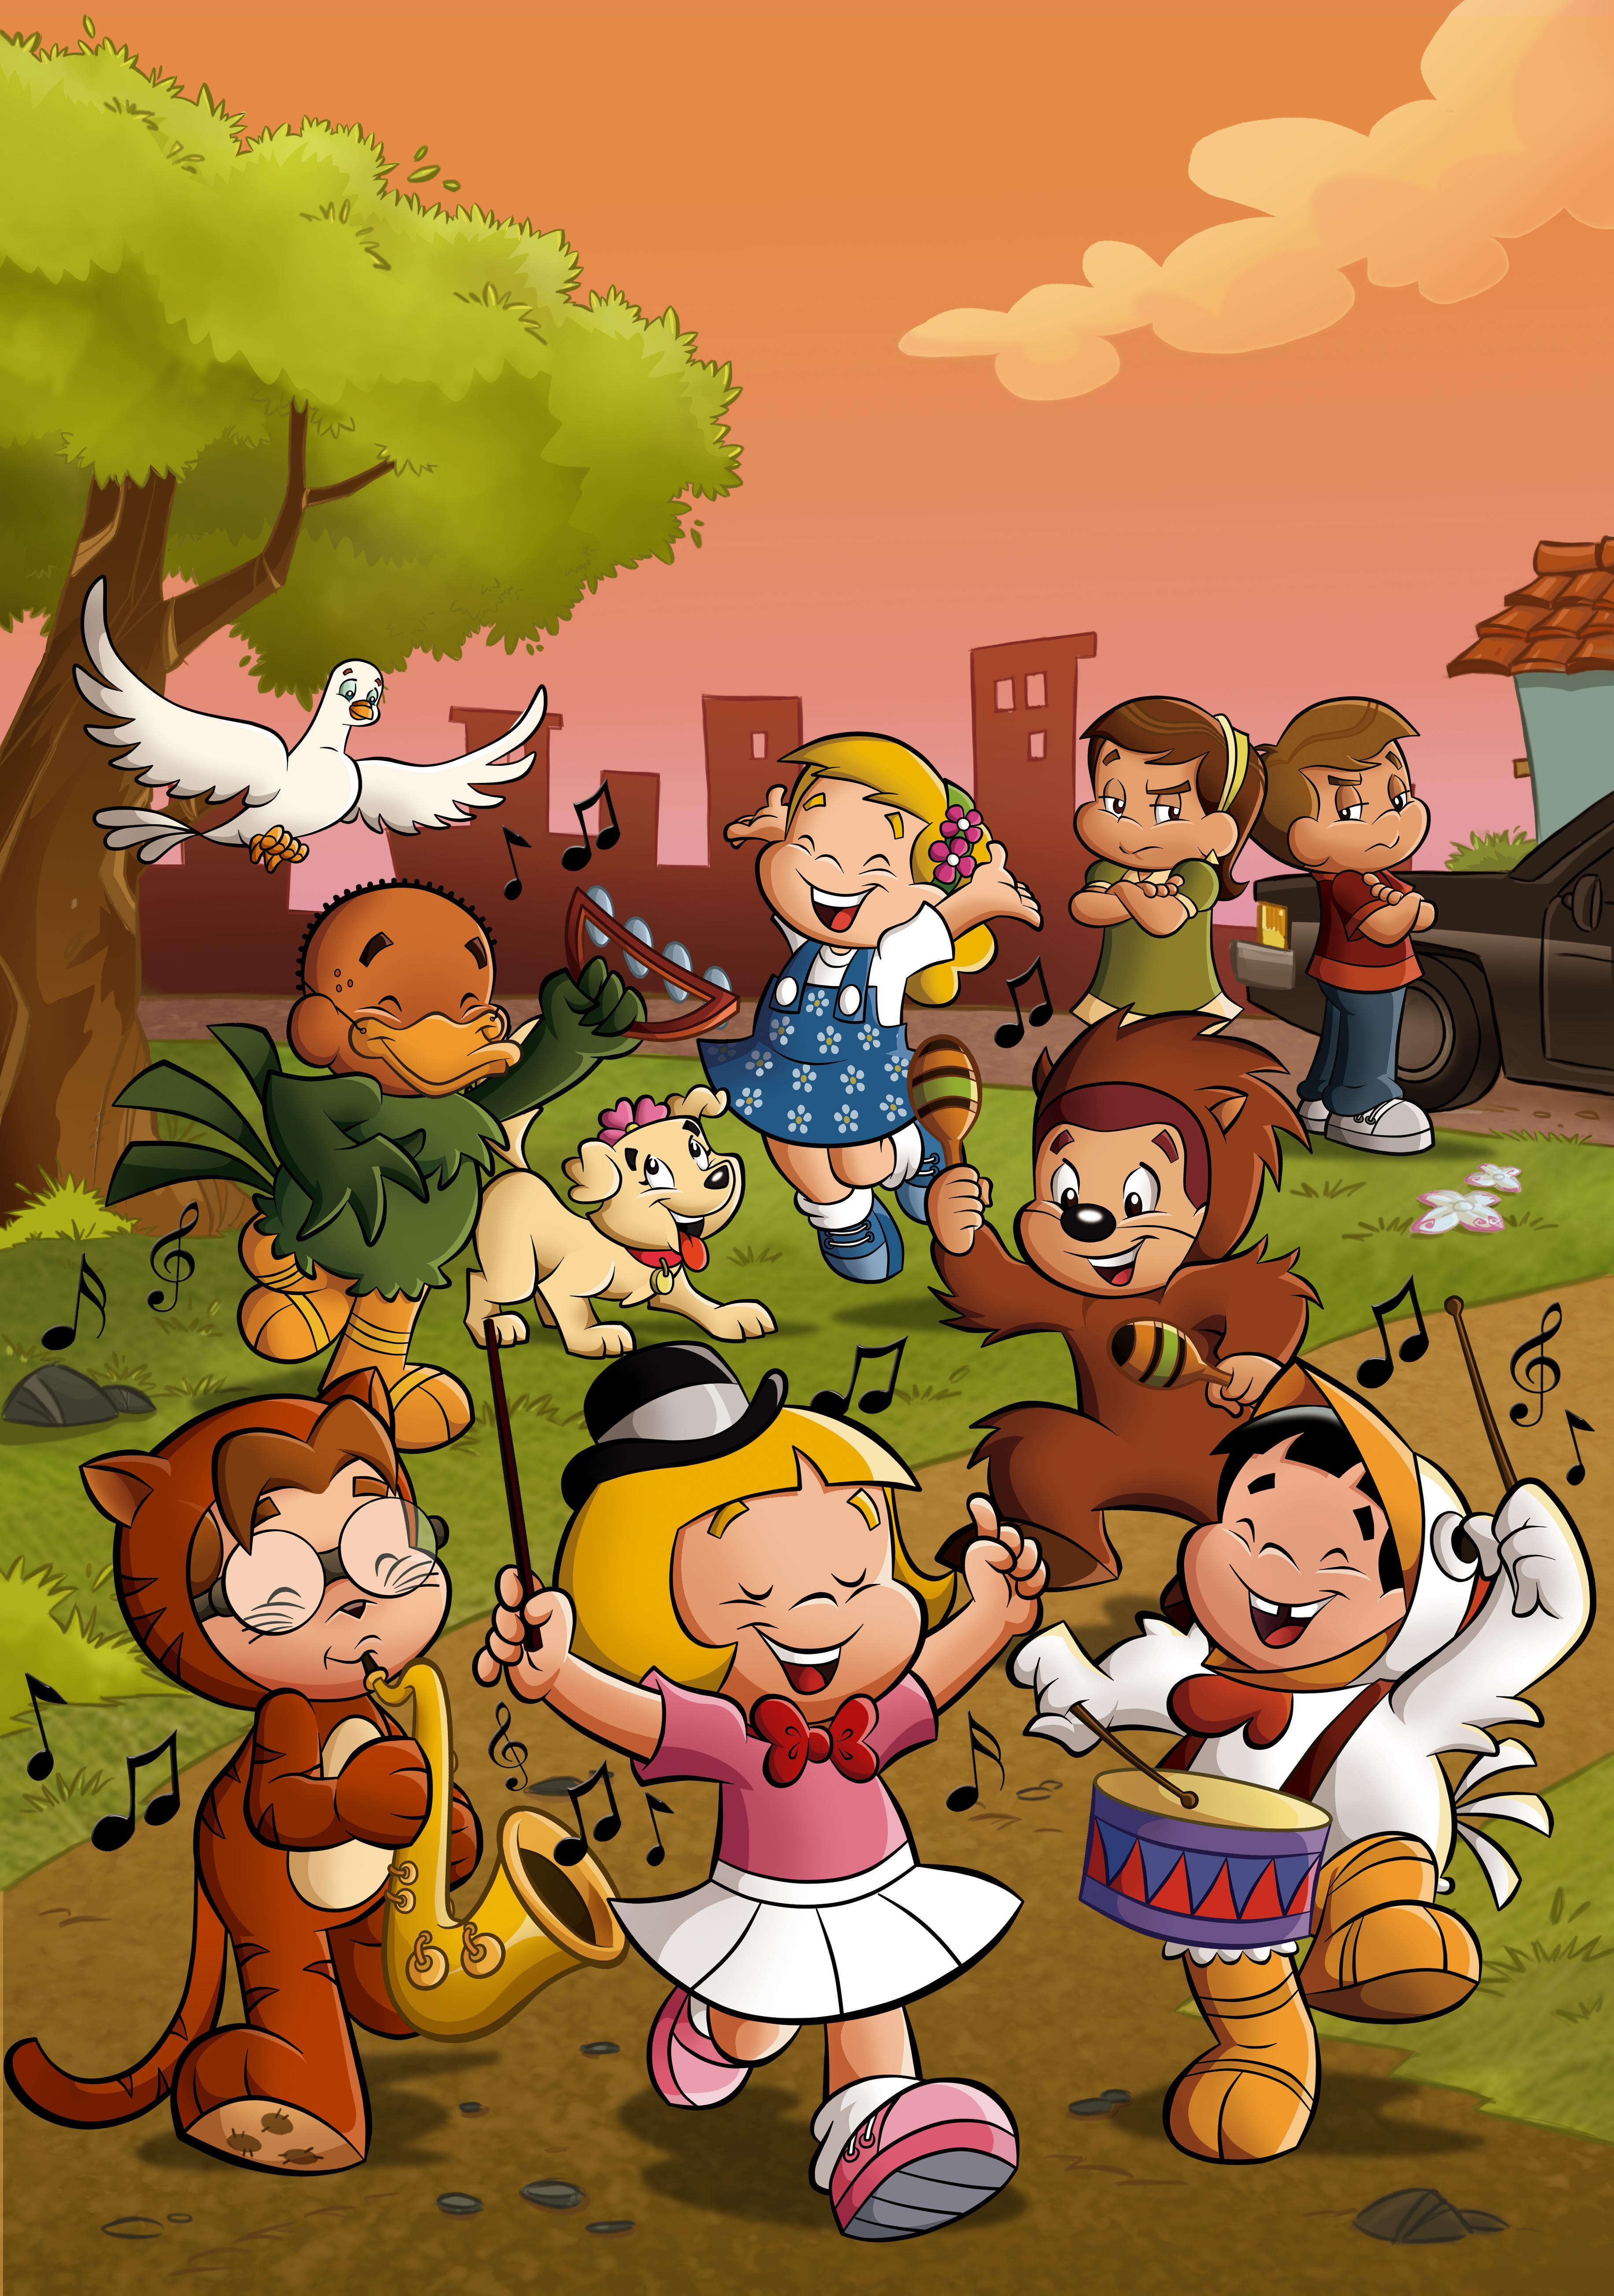 DVD 07 - A Galinha e o Trigo.jpg